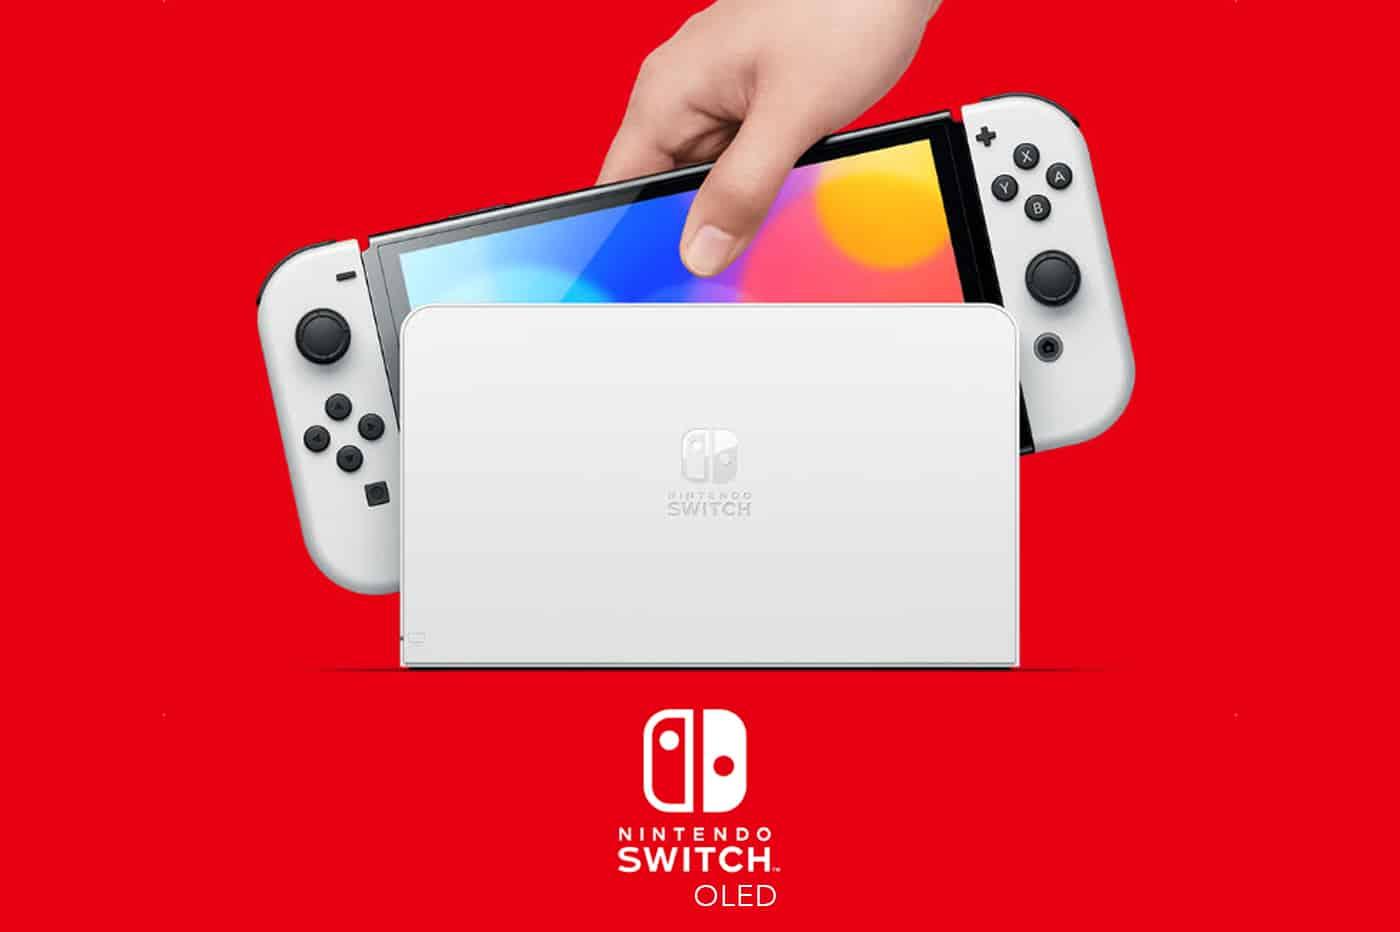 nintendo-switch-oled-avantages